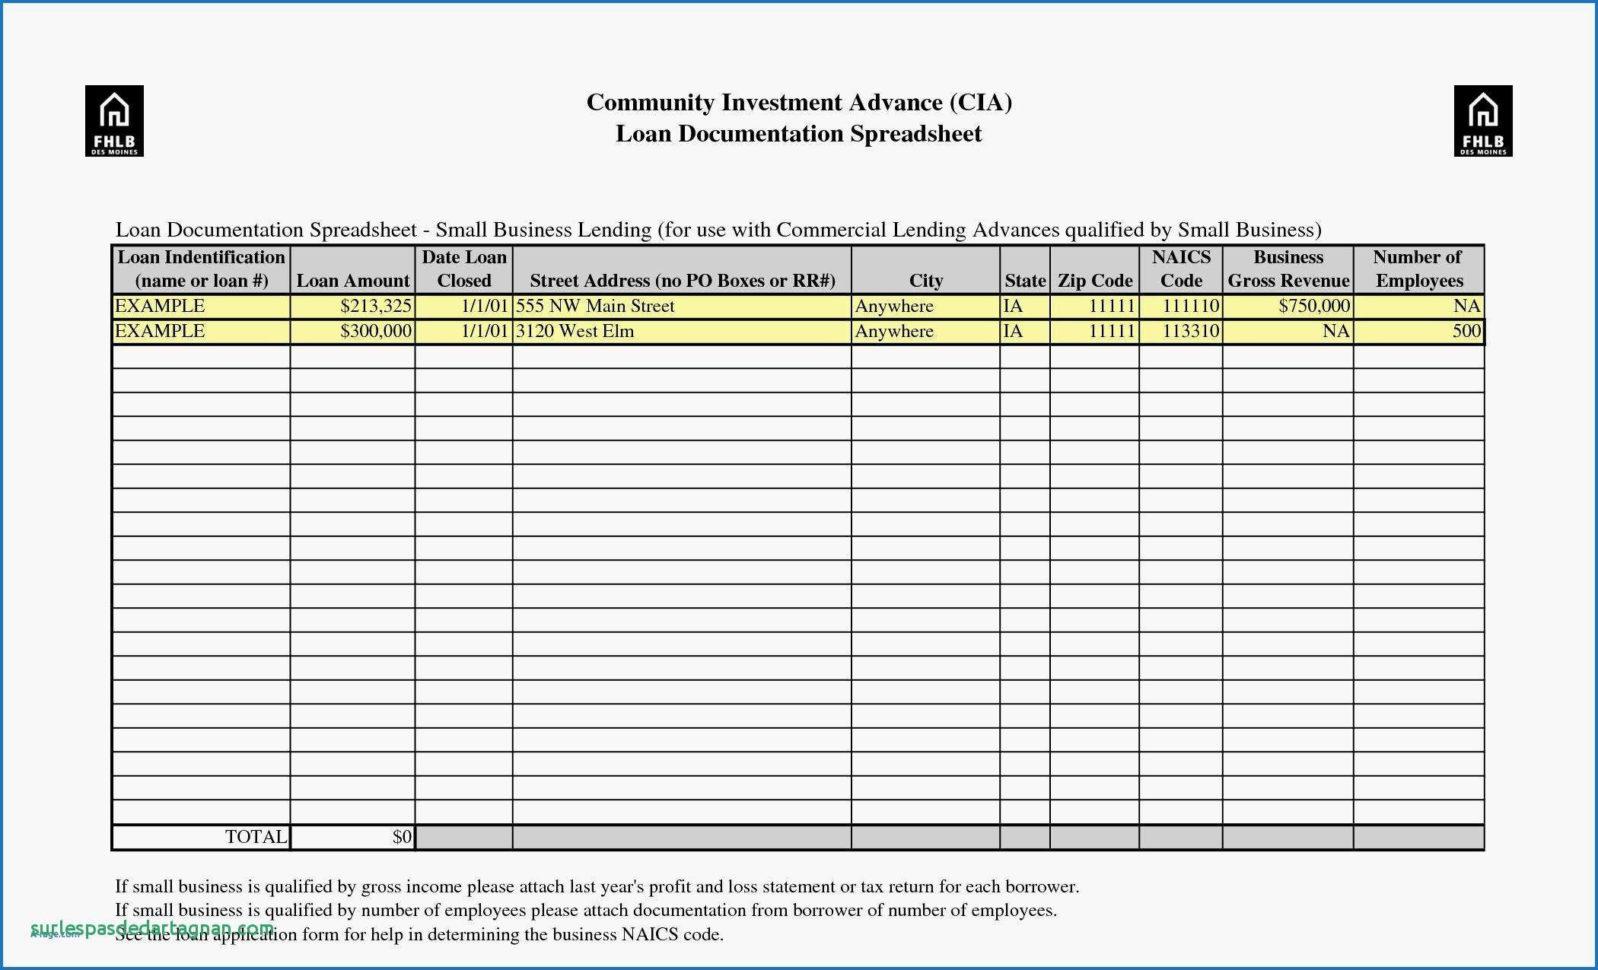 Free Tax Spreadsheet Templates Inside Free Tax Spreadsheet Templates For Inventory Spreadsheet Debt